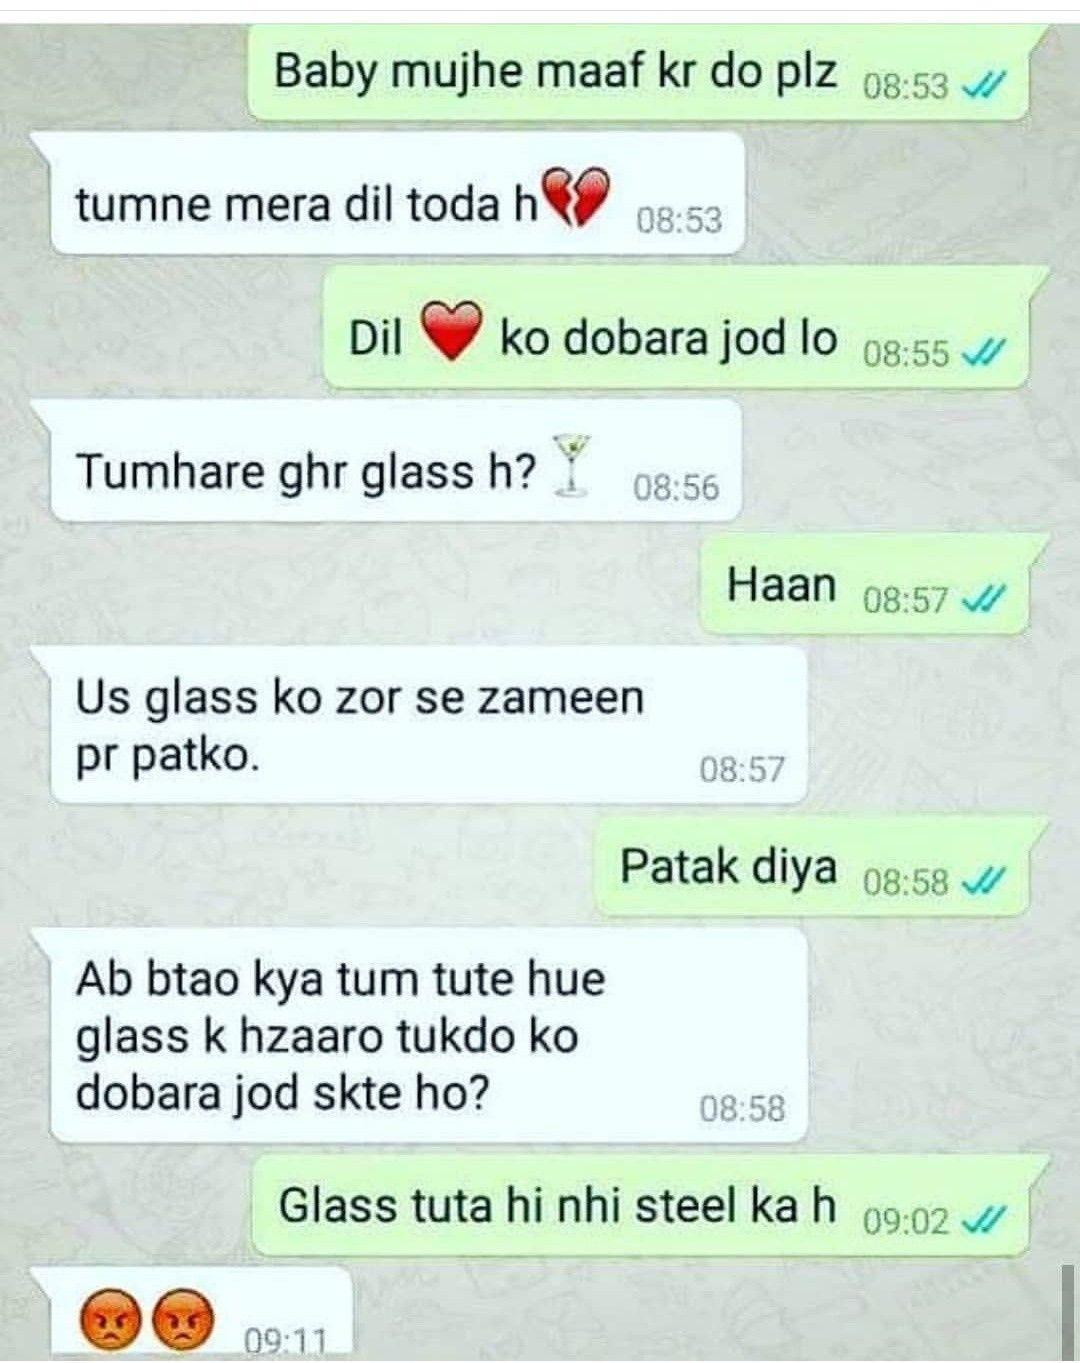 Pin by Hindi Chutkule on Hindi Chutkule Silly jokes